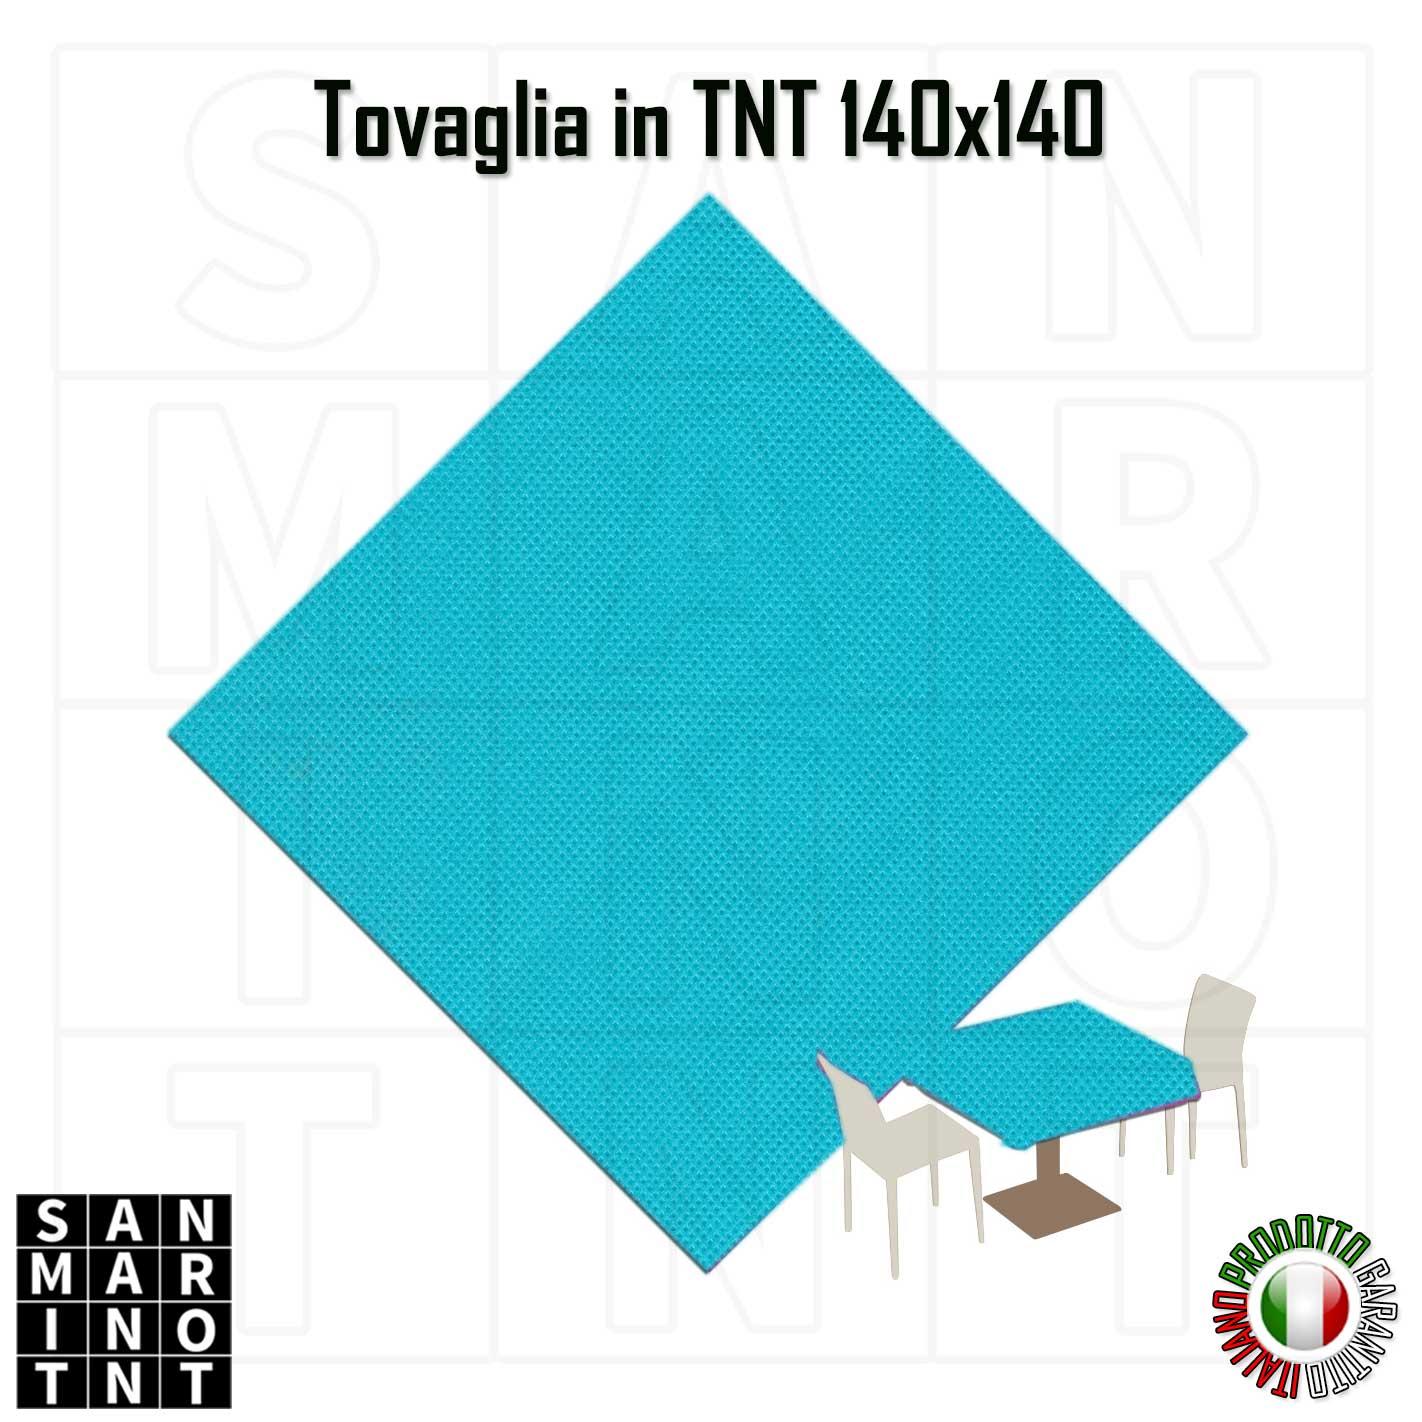 Tovaglia 140x140 in tnt colore Blu Tiffany tovaglioli monouso Tovaglioli monouso – motivo maiolike Tovaglia monouso in tnt 140x140 blu tiffany